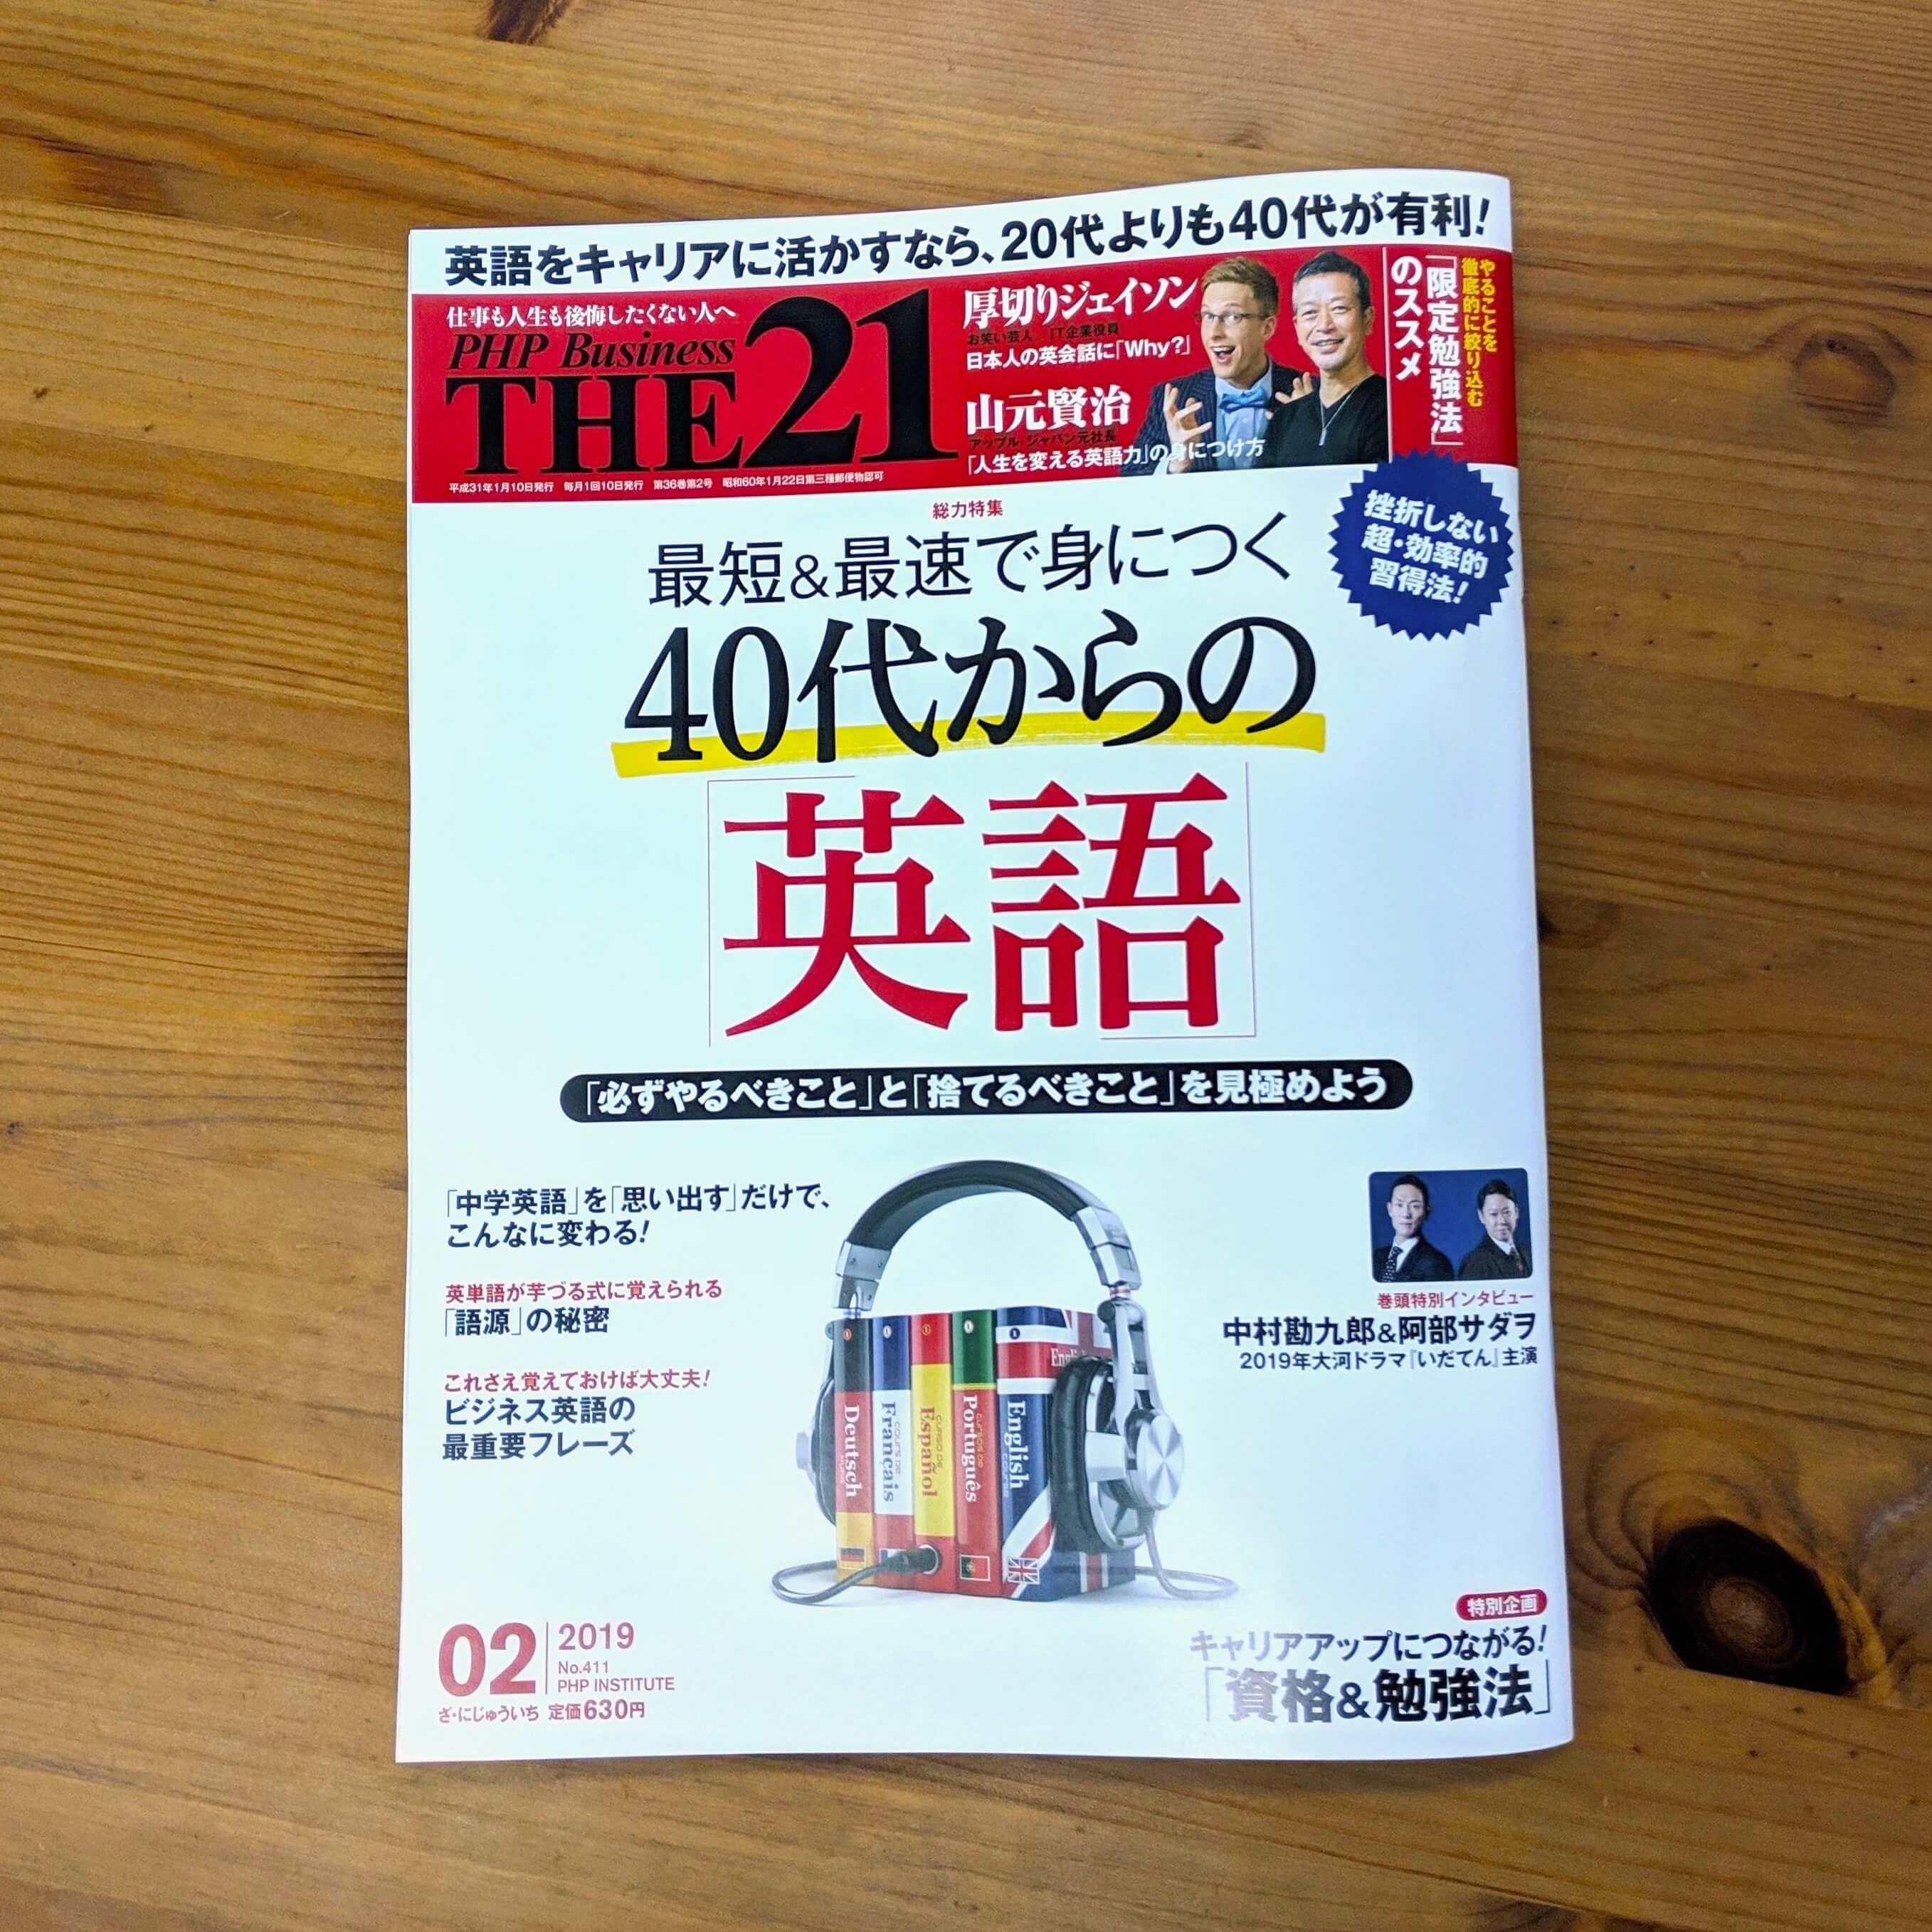 ShareWisの英語コースが紹介されている雑誌THE 21(株式会社PHP研究所)の表紙の画像